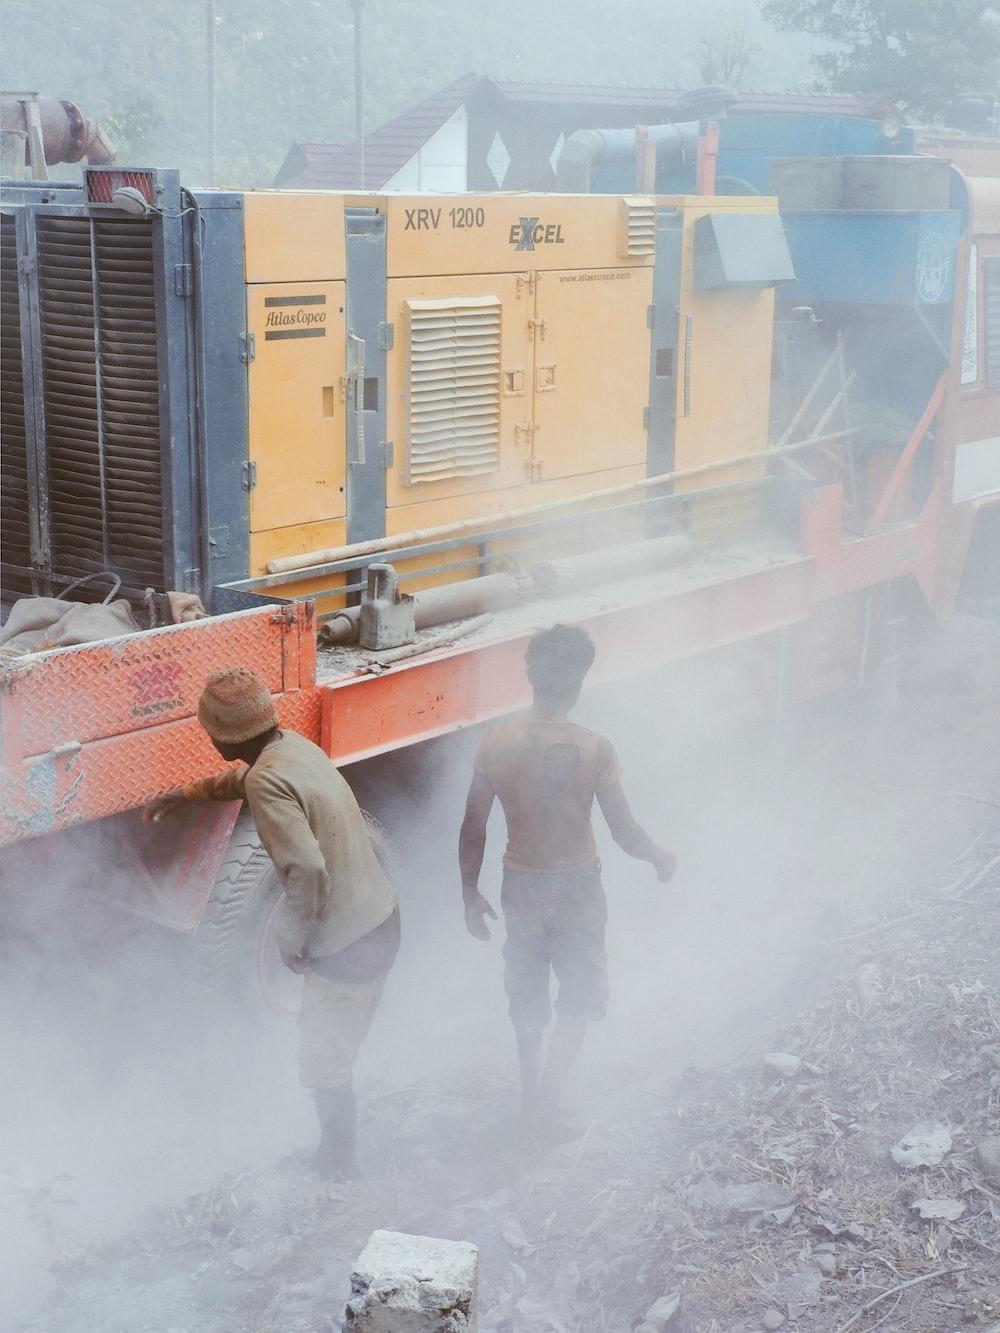 two men standing near diesel generator